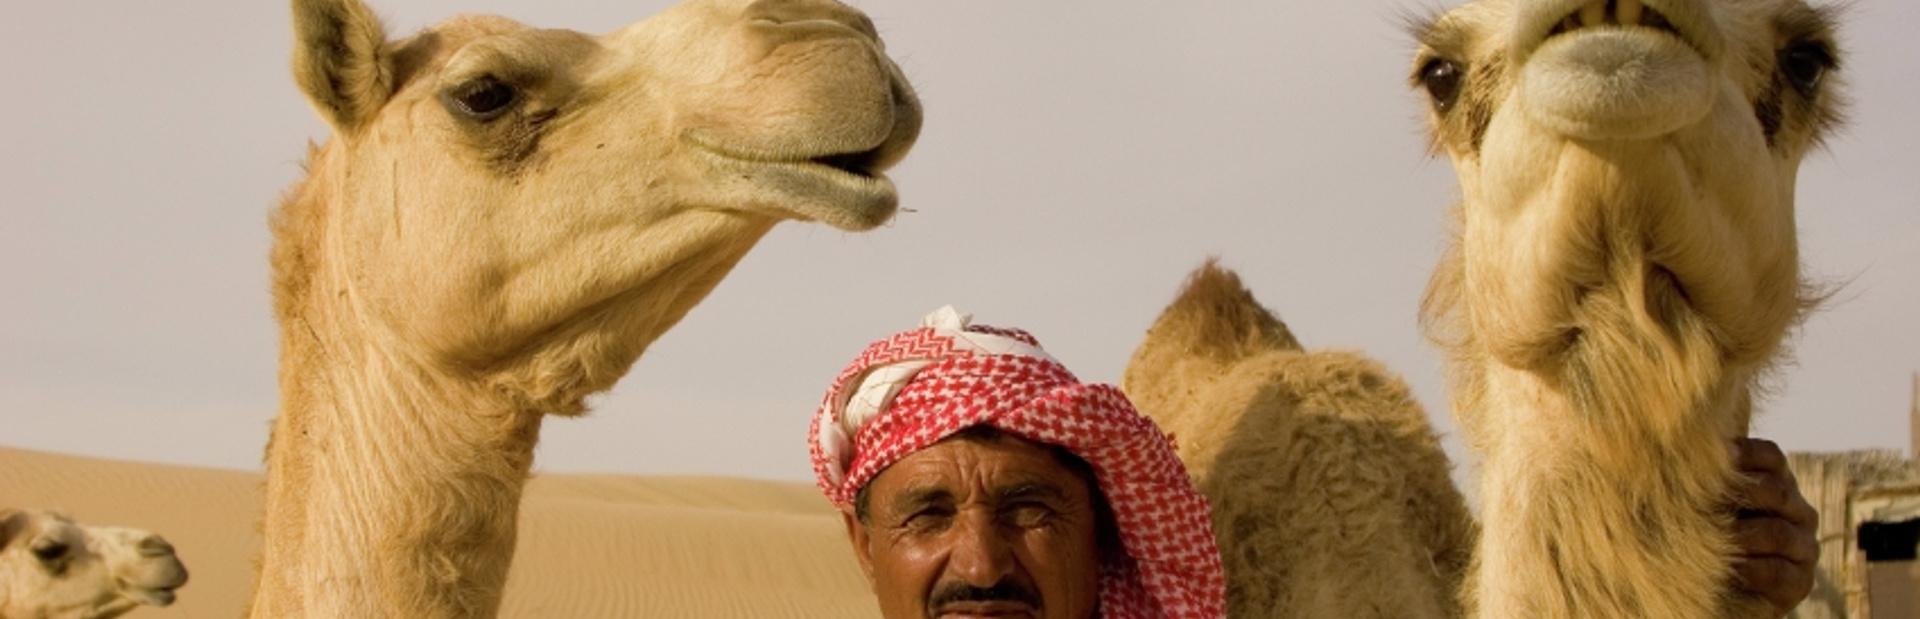 Arabian Gulf news photo